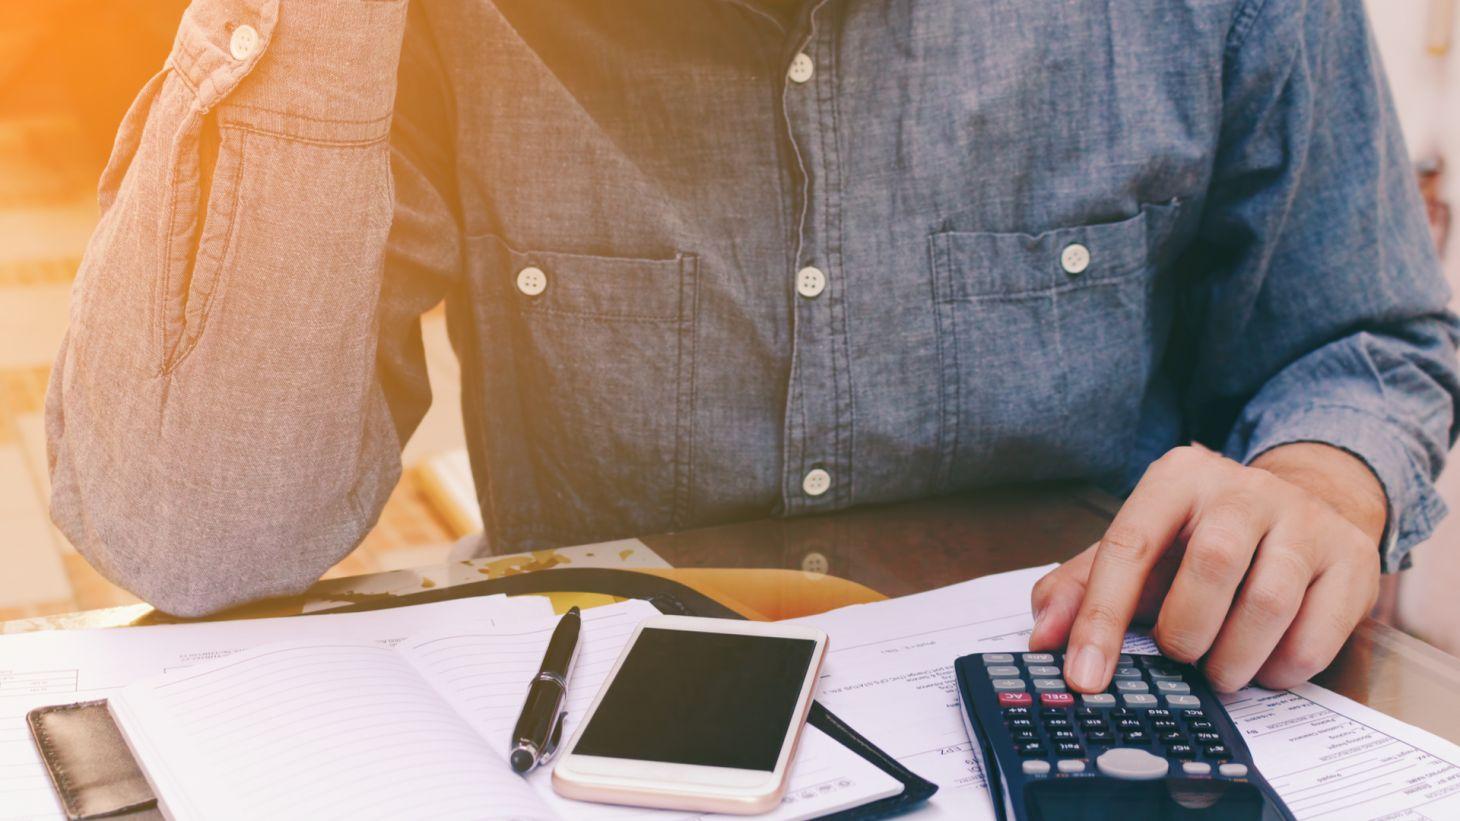 proprietario carro automovel calculando pagar multa de transito celular calculadora papeis